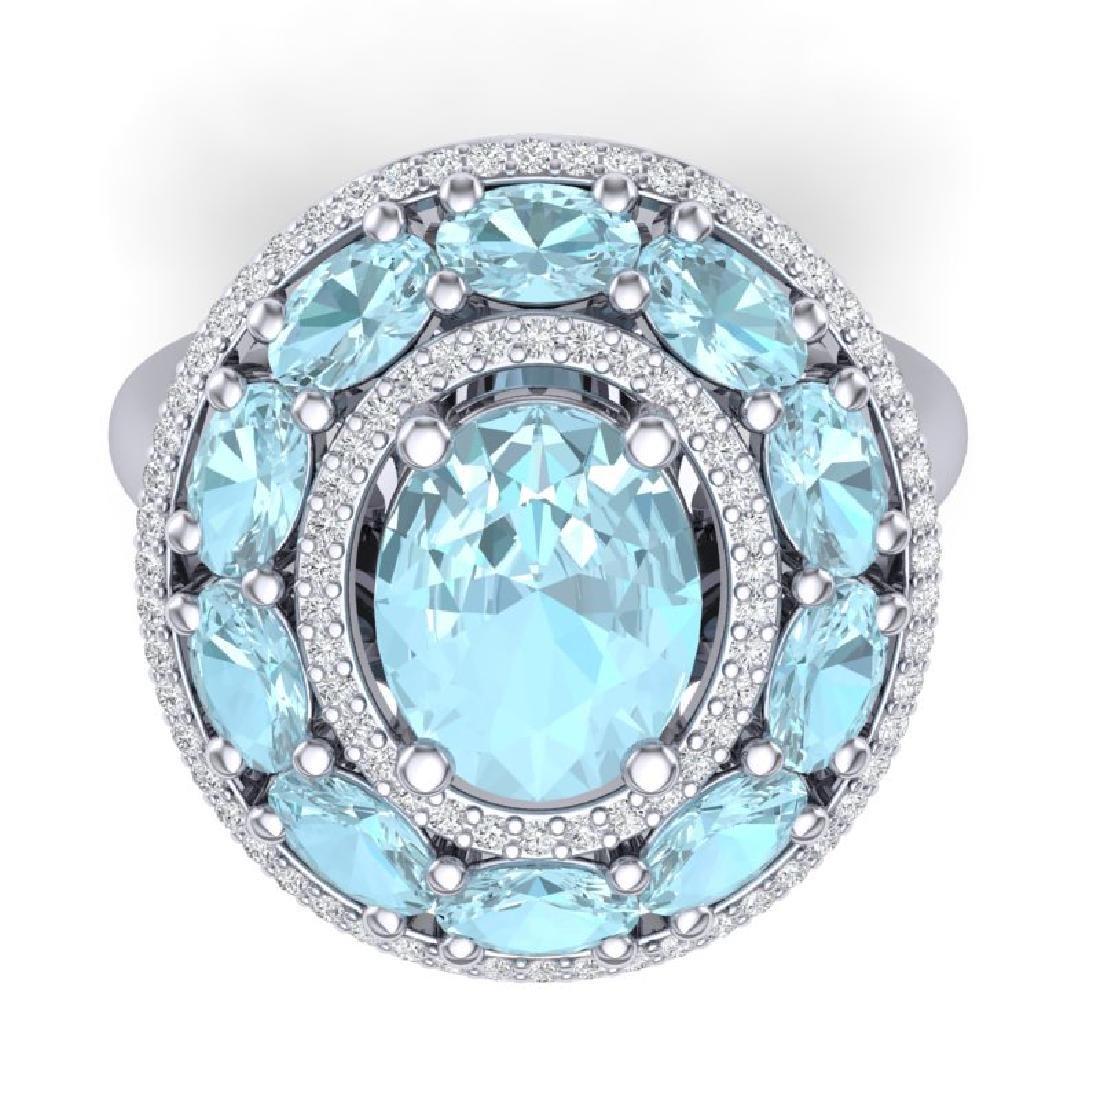 8.47 CTW Royalty Sky Topaz & VS Diamond Ring 18K White - 2